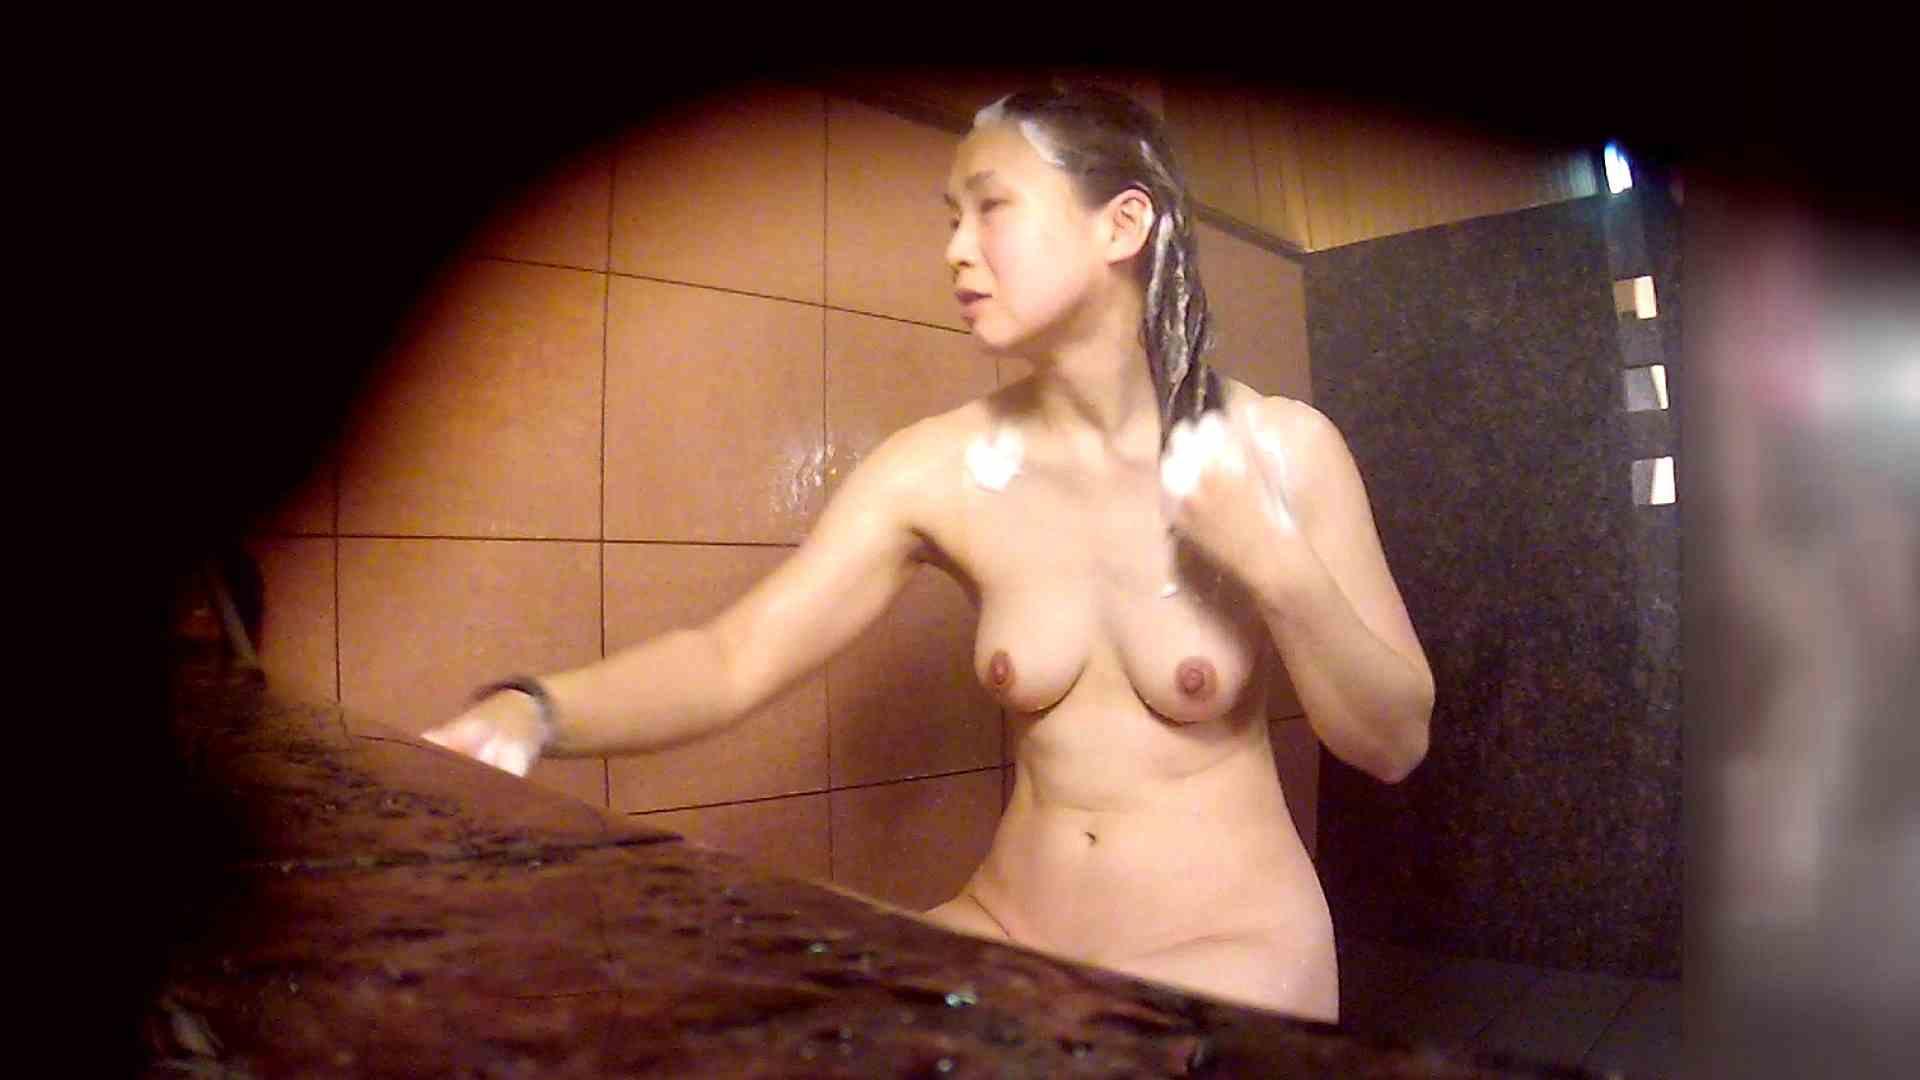 洗い場!マッスルお嬢さん!でもオッパイだけは柔らかそうです。 潜入 | 銭湯着替え  68画像 29